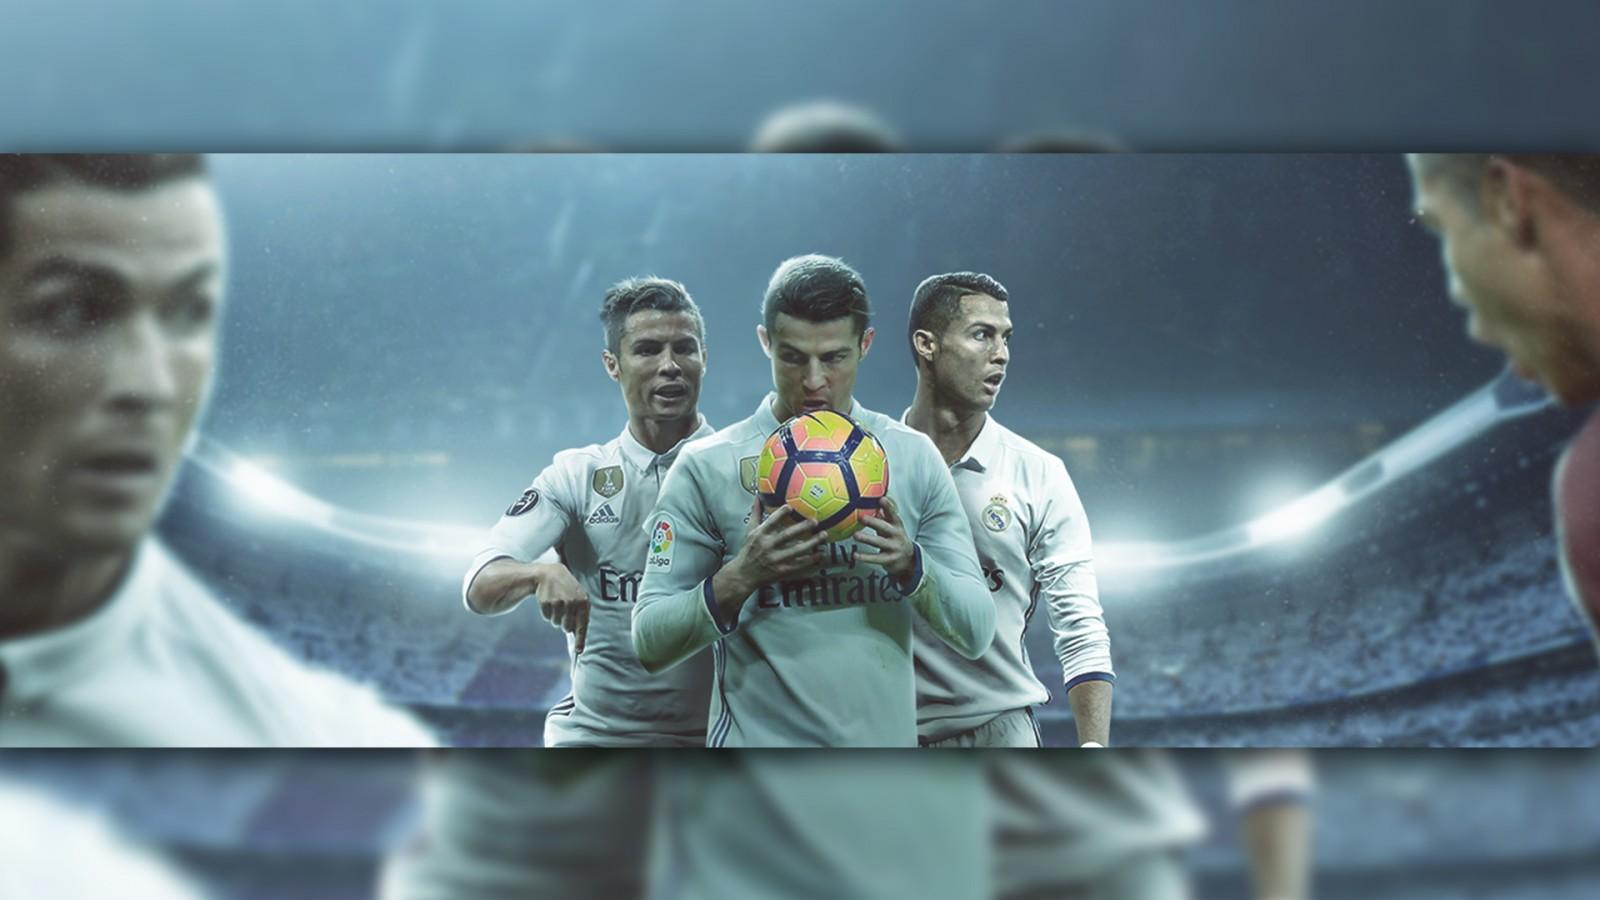 Cristiano Ronaldo Wallpaper Iphone X Cristiano Ronaldo Wallpapers Hd Wallpapers Id 23752